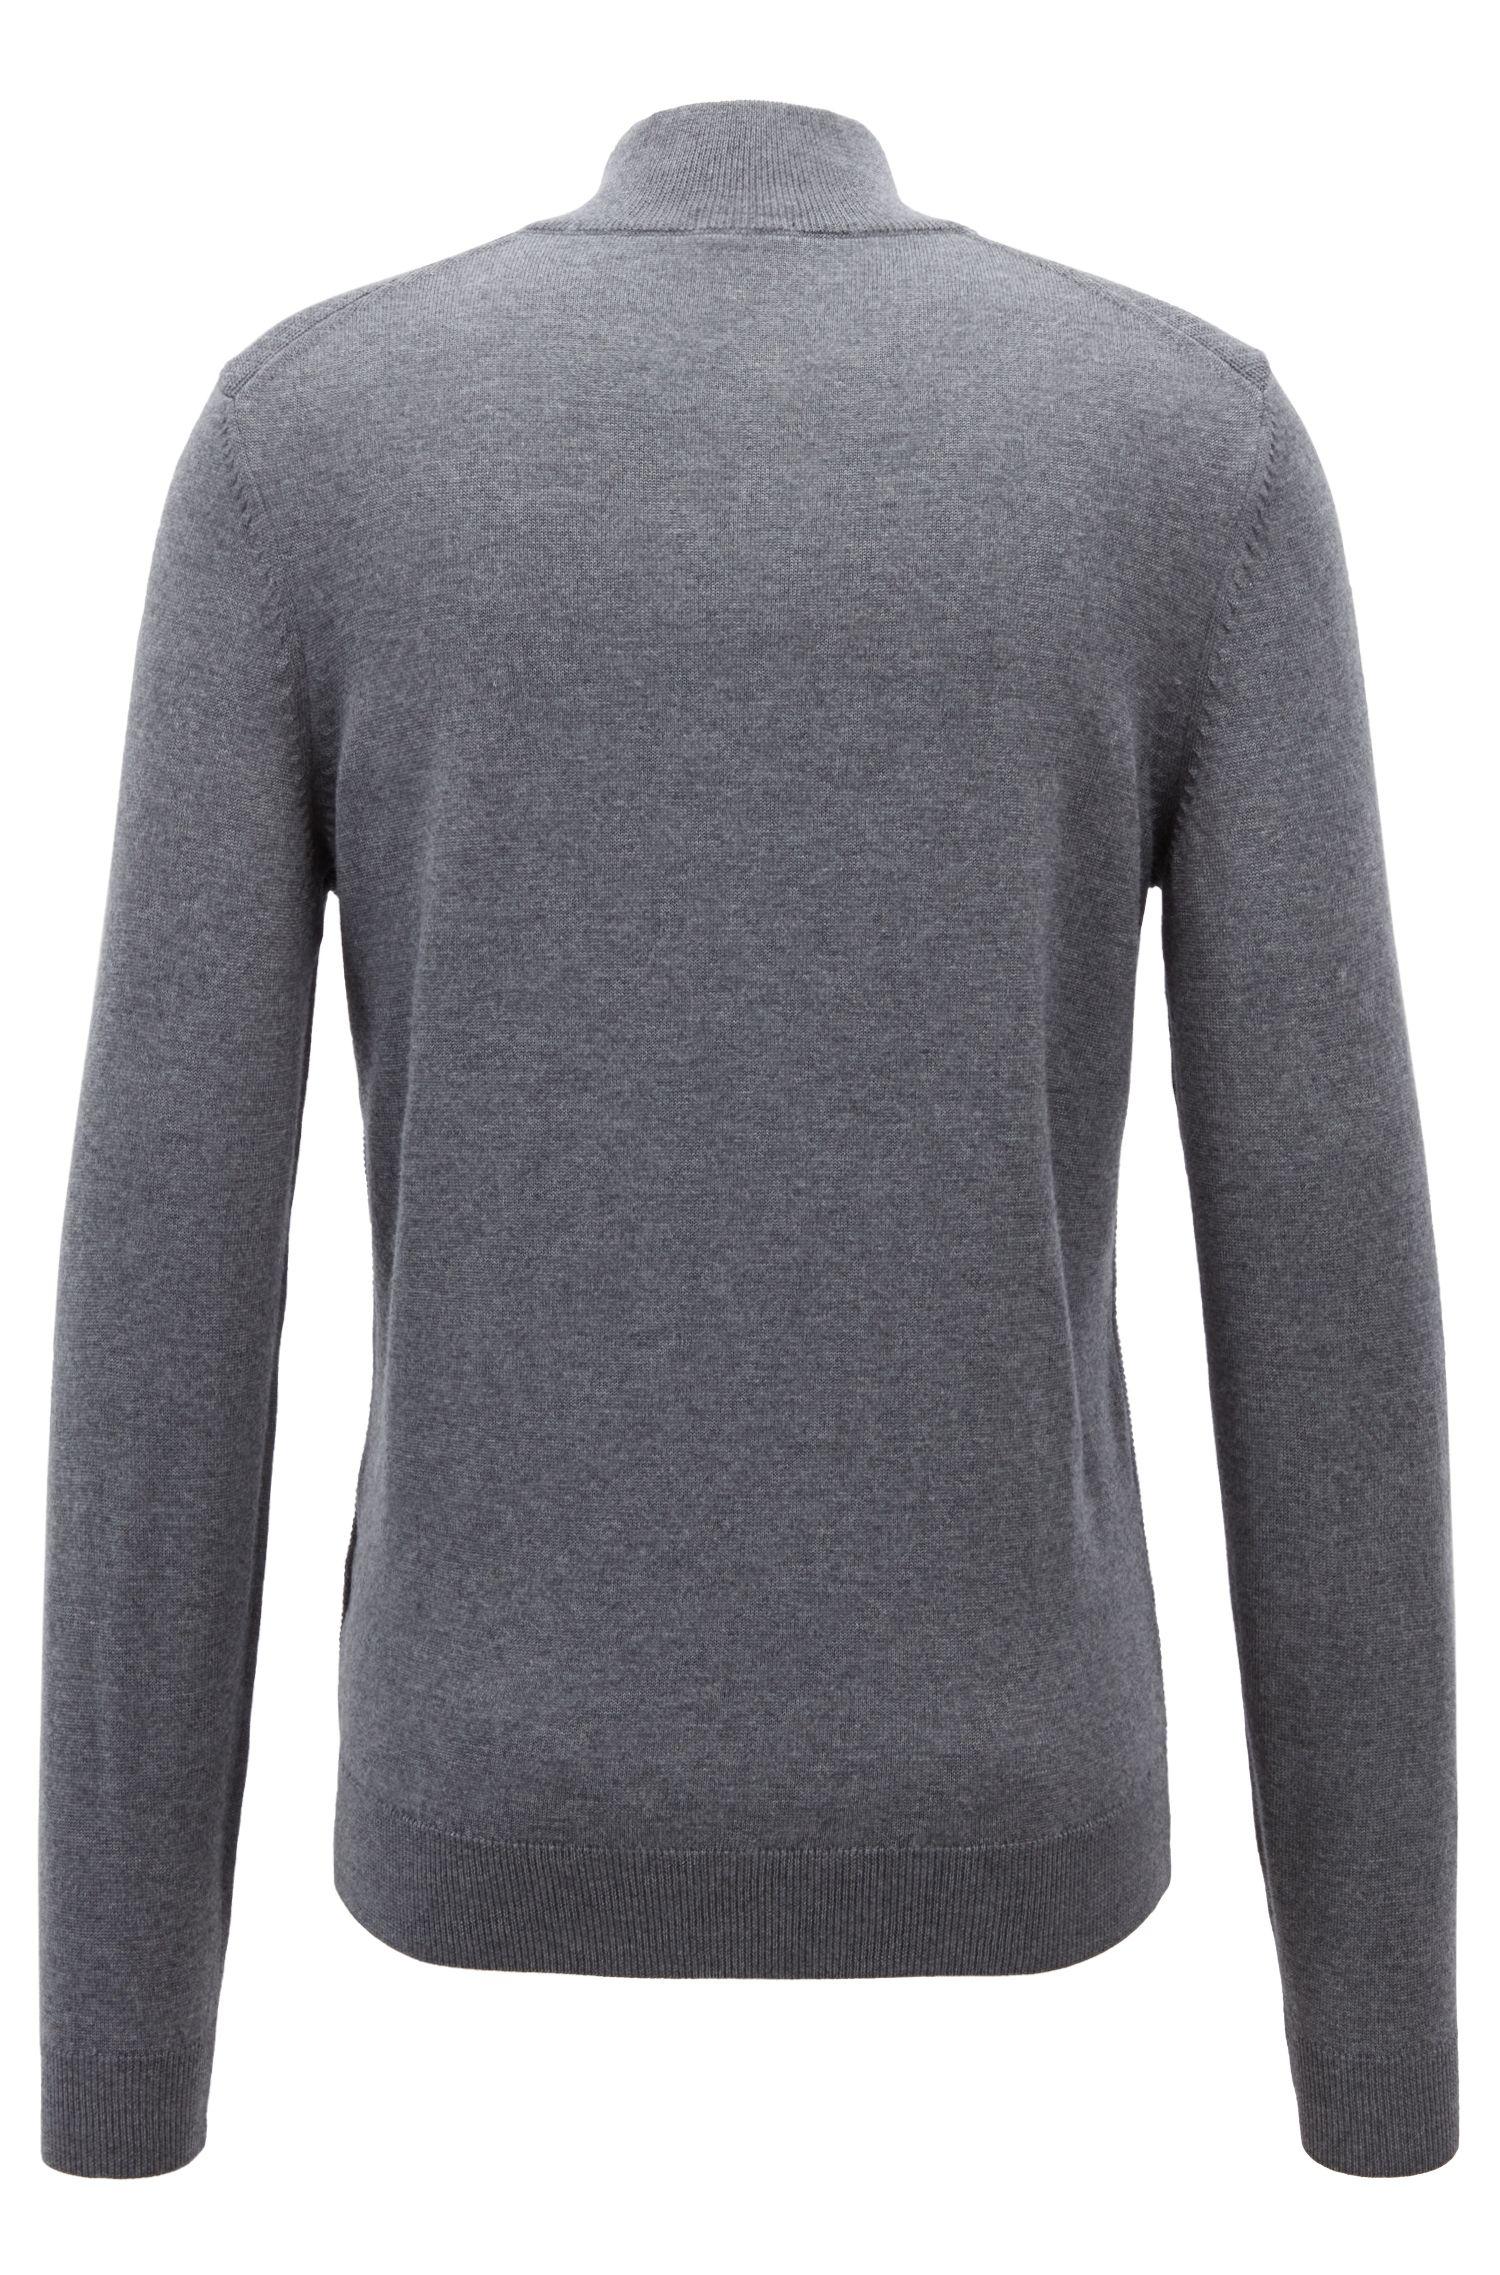 Pull en laine mérinos italienne avec encolure zippée, Gris